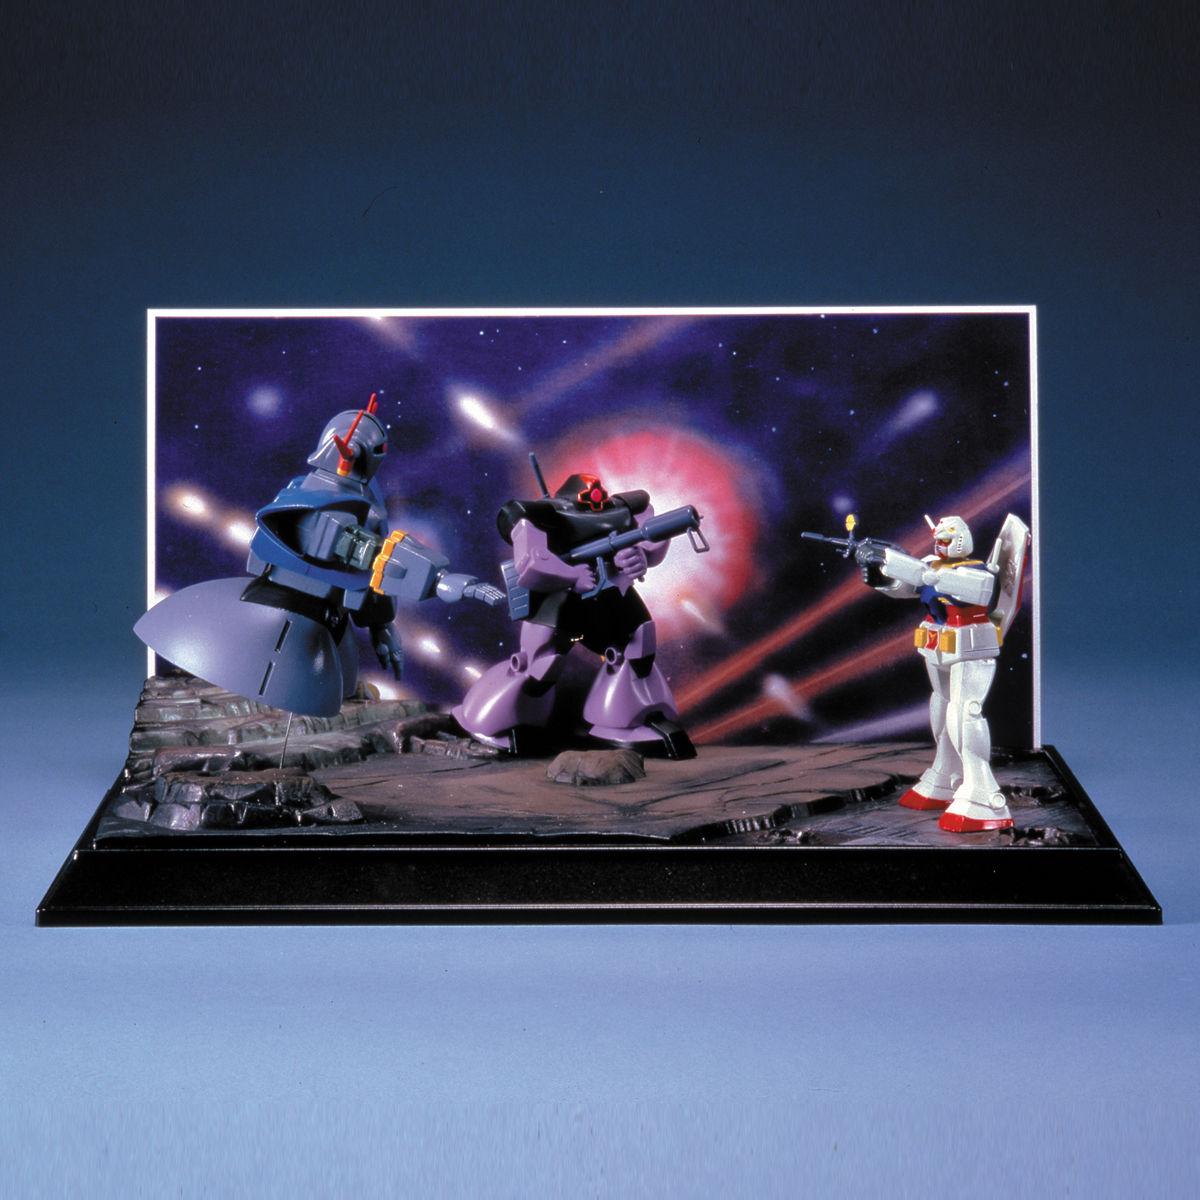 72097ガンダム情景模型 1/250 D 宇宙要塞ア・バオア・クー [Diorama sets Space Fortress: A Baoa Qu] 0011724 4902425117249 5063191 4573102631916